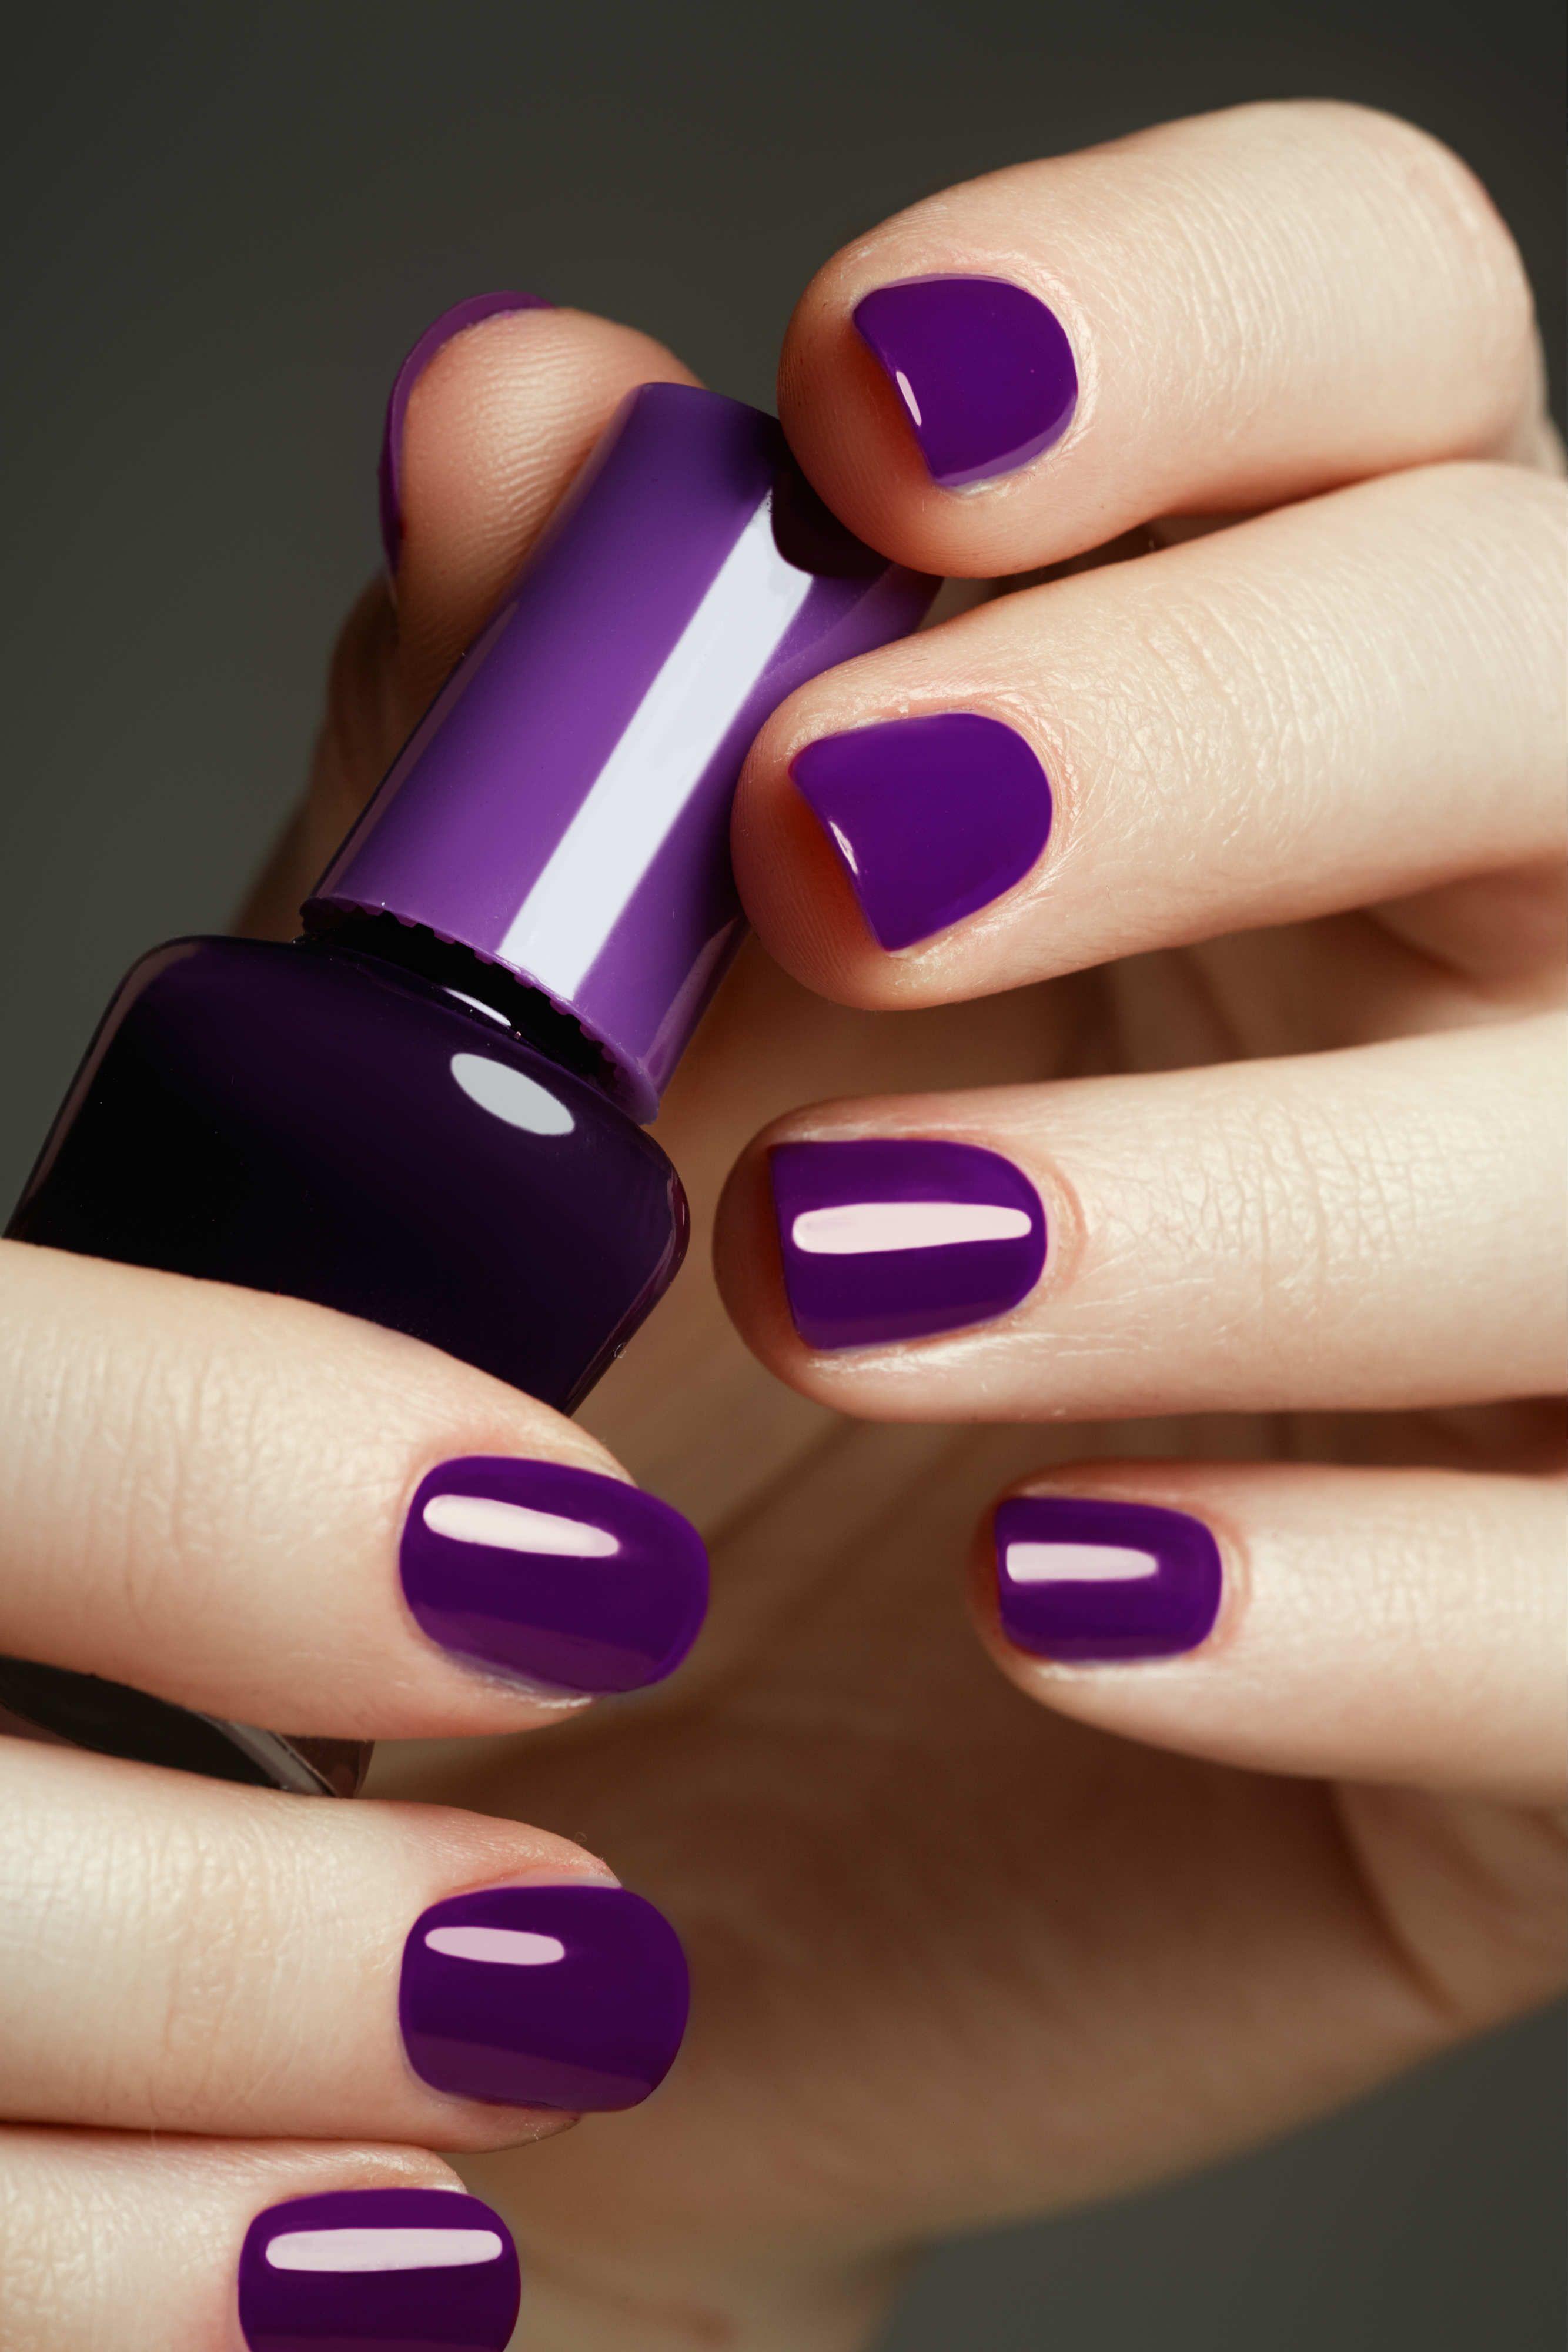 Saca las uñas | La uña, Arte de uñas y De vacaciones